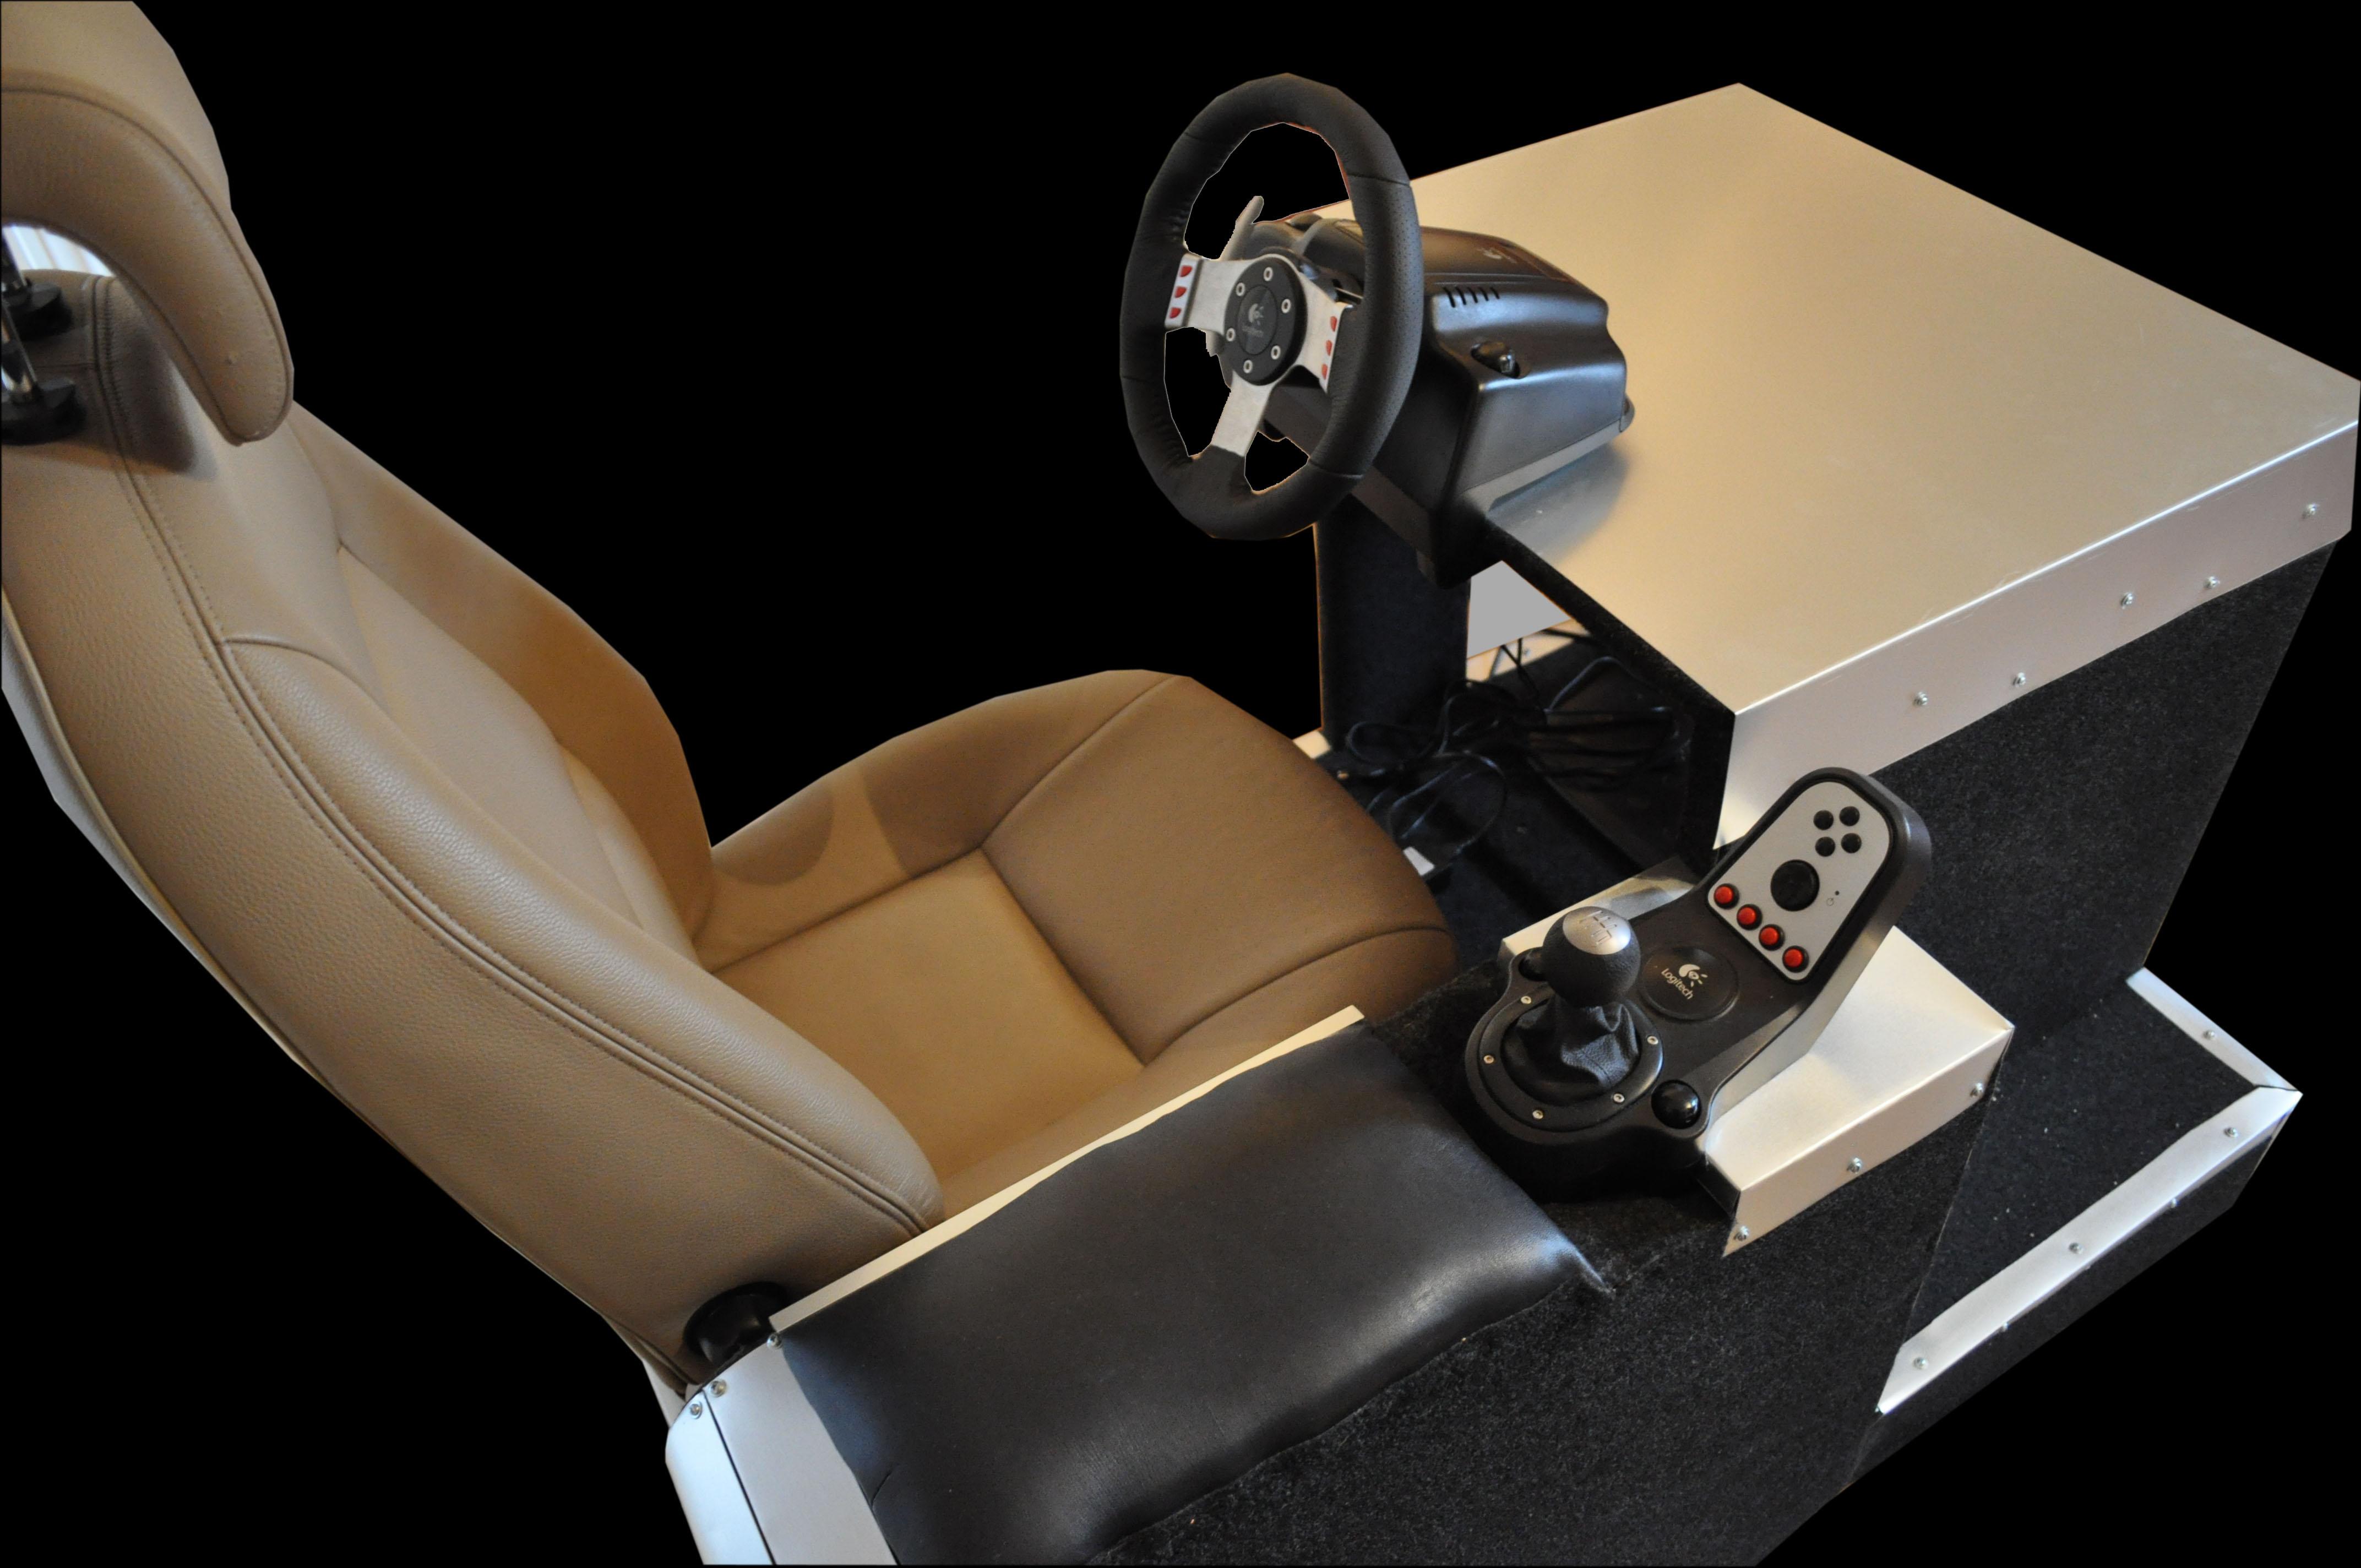 Sillón volante Cockpit casero para la Playstation, Xbox o PC